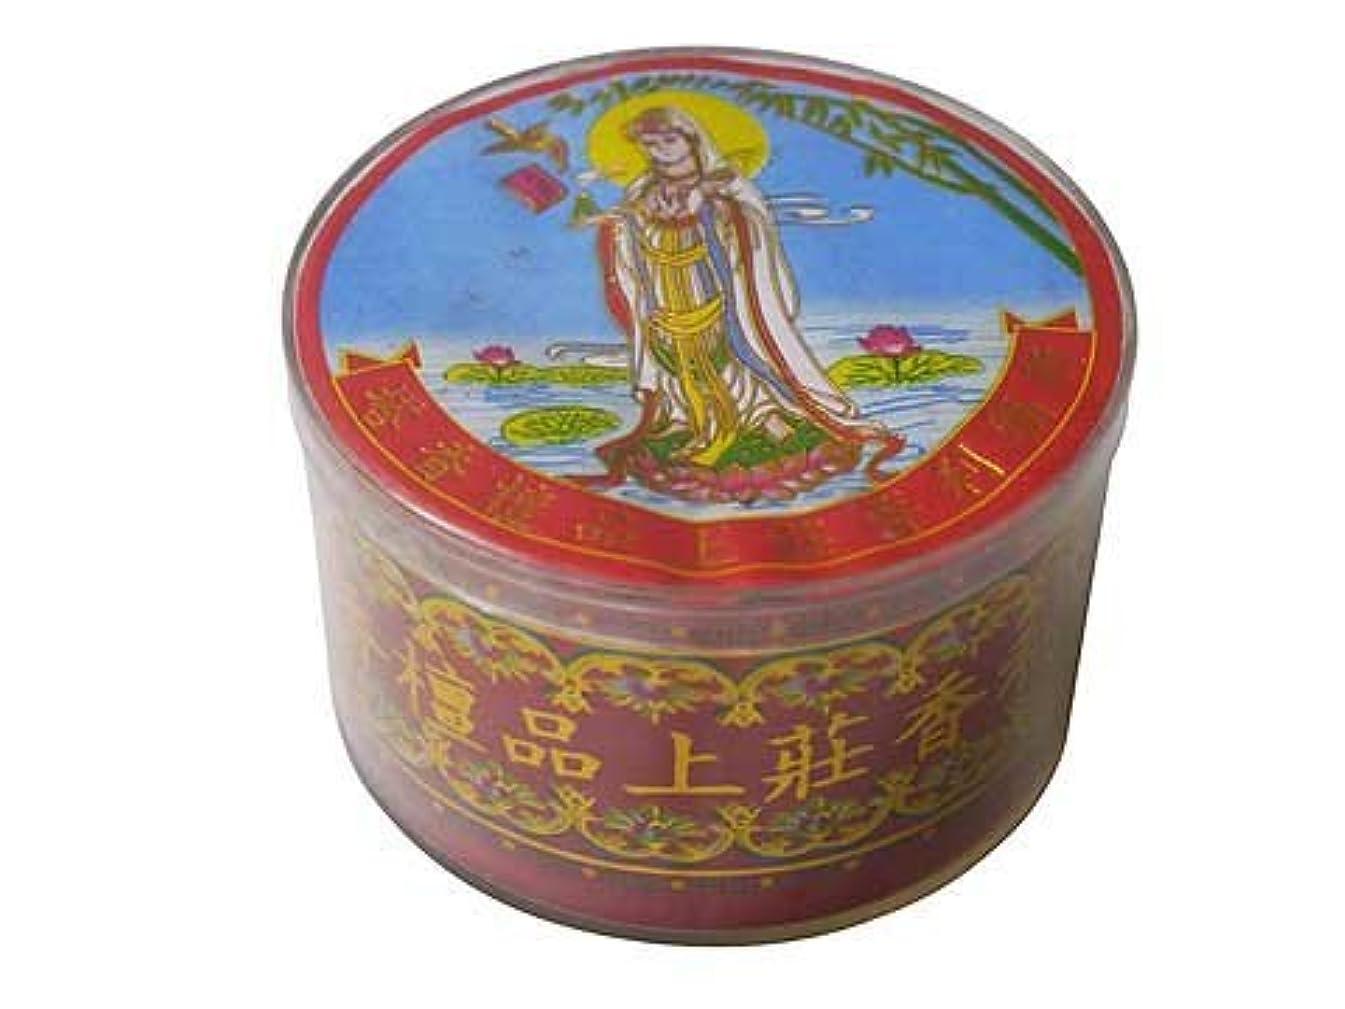 七時半フィドル免疫Vietnam Incense ベトナムのお香【観音様ラベル渦巻き檀香】